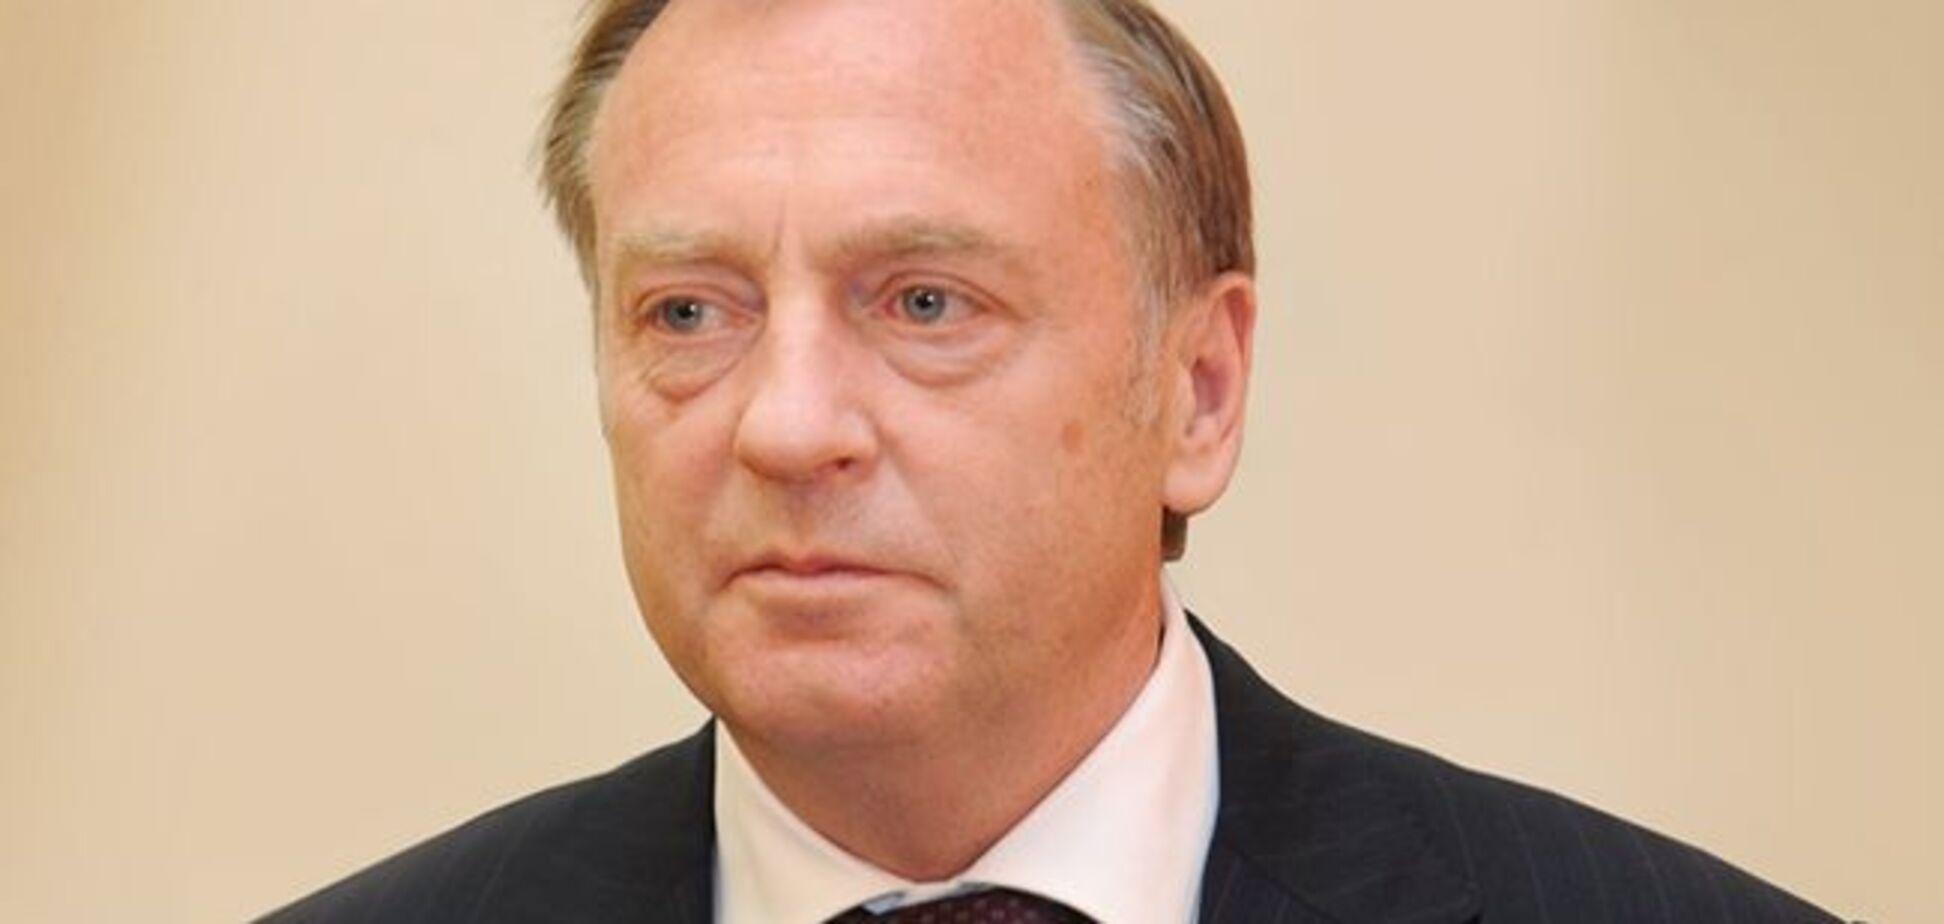 Скандал із Лавриновичем: у справі екс-глави Мін'юсту України знайшли серйозні порушення